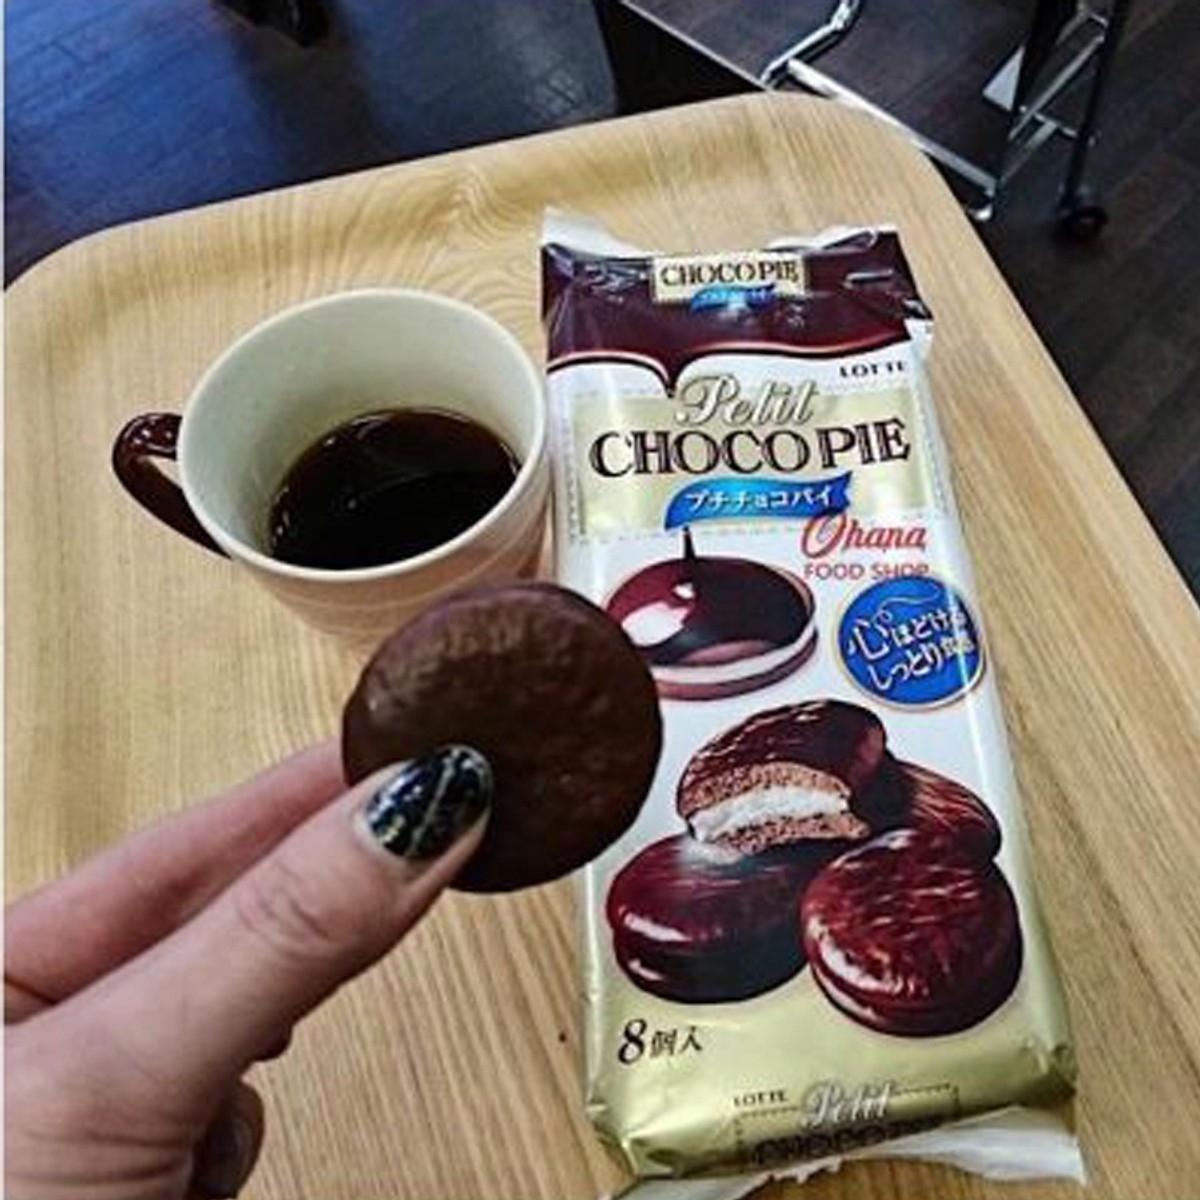 Bánh Chocopie phiên bản mini - Nội địa Nhật Bản